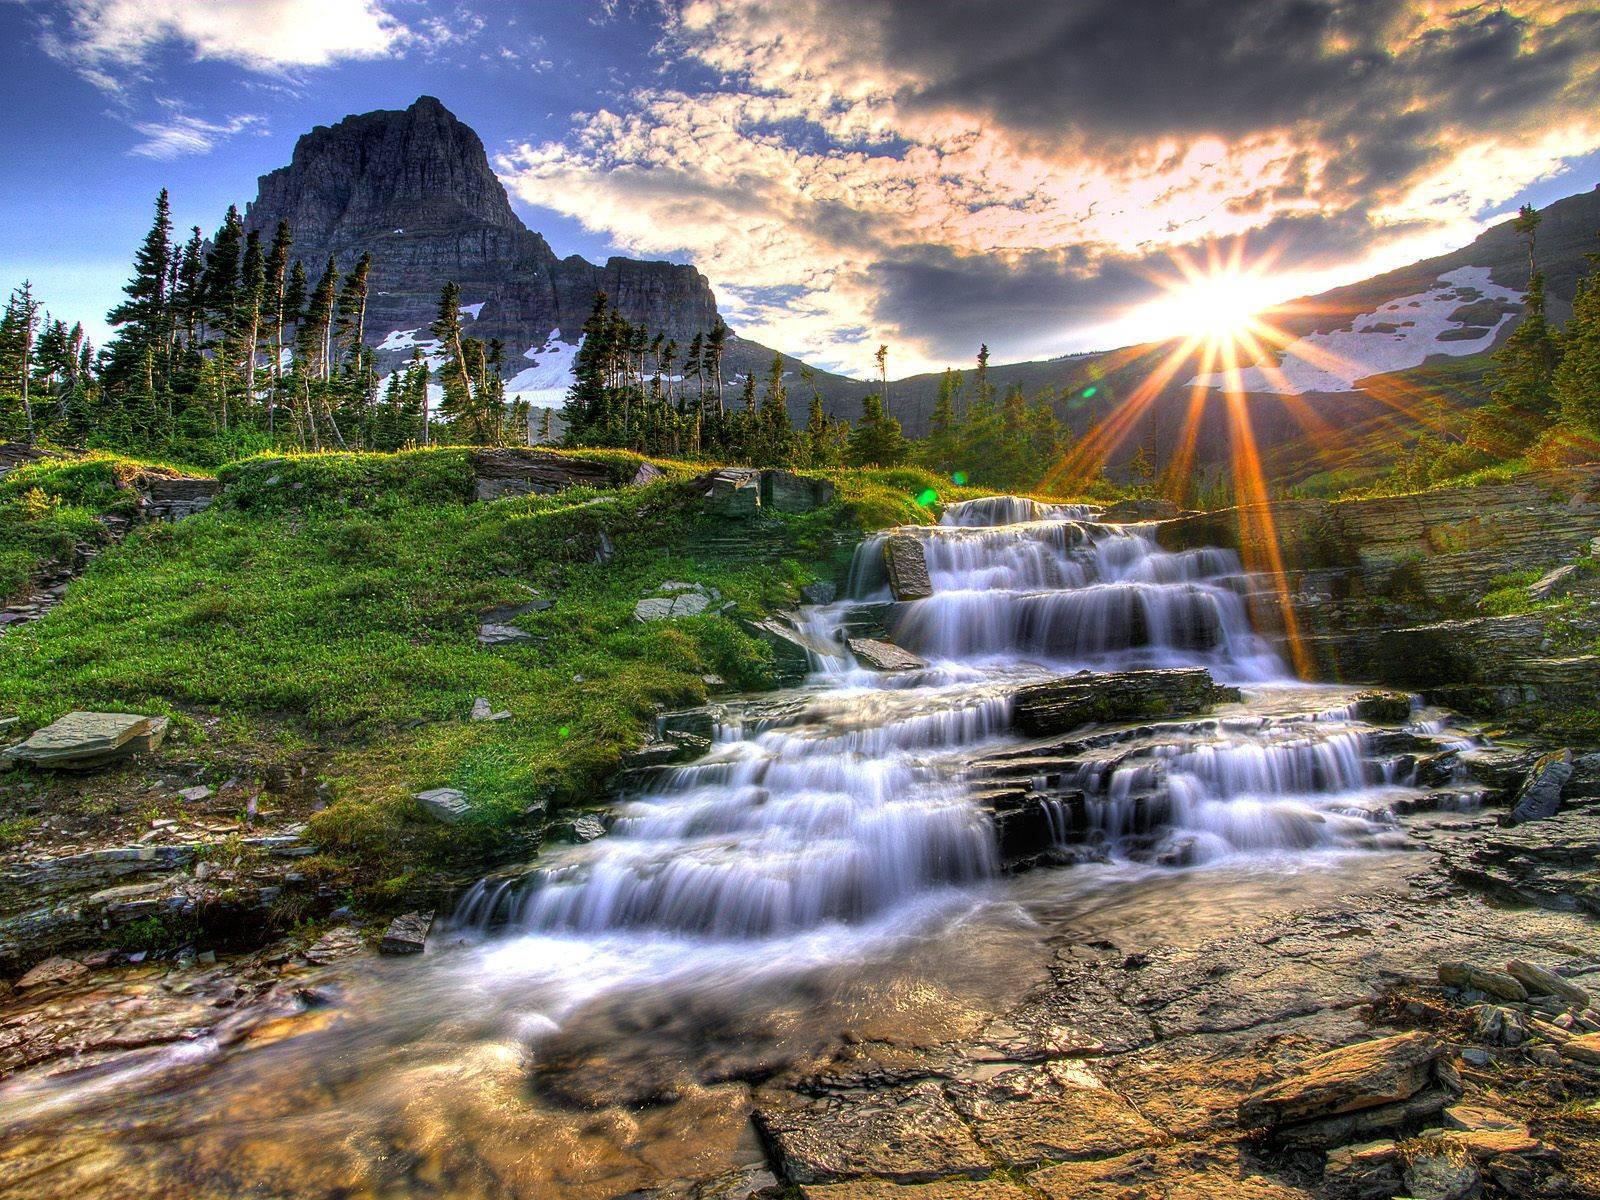 35461 Hintergrundbild herunterladen Wasserfälle, Landschaft, Flüsse - Bildschirmschoner und Bilder kostenlos